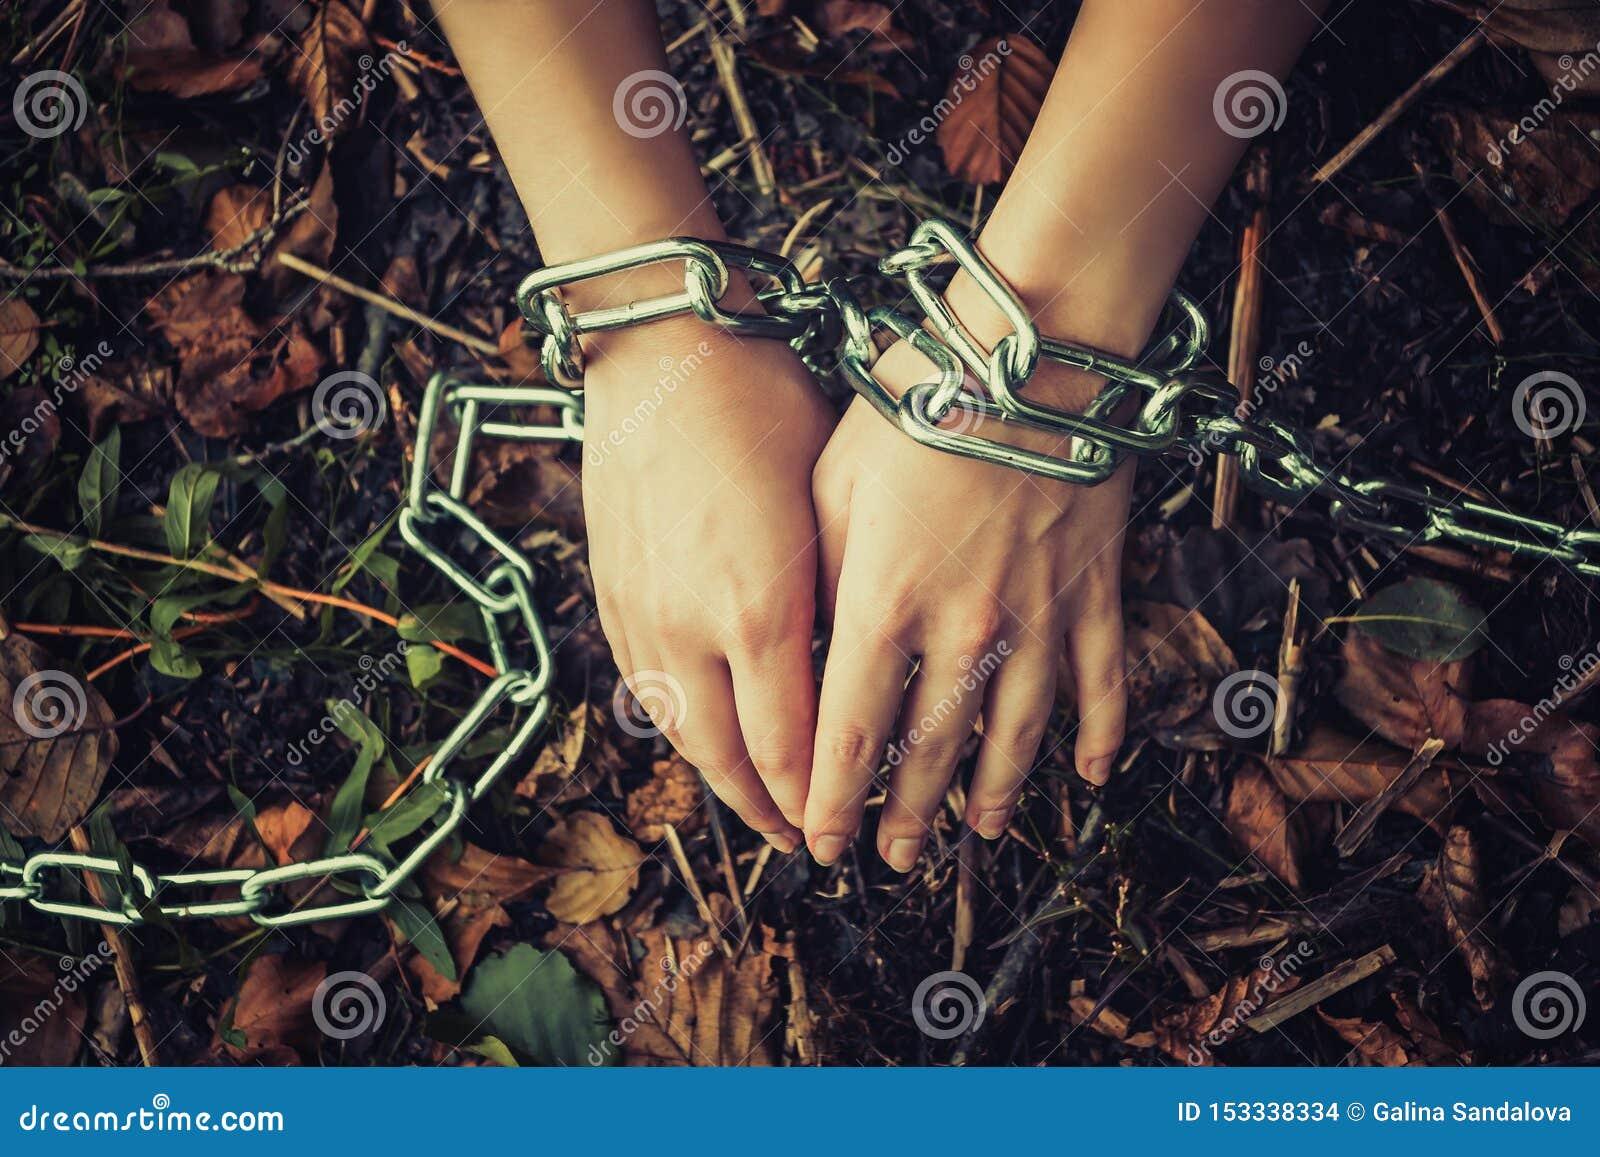 Χέρια γυναικών που αλυσοδένονται σε ένα σκοτεινό δάσος - η έννοια της βίας, όμηρος, σκλαβιά